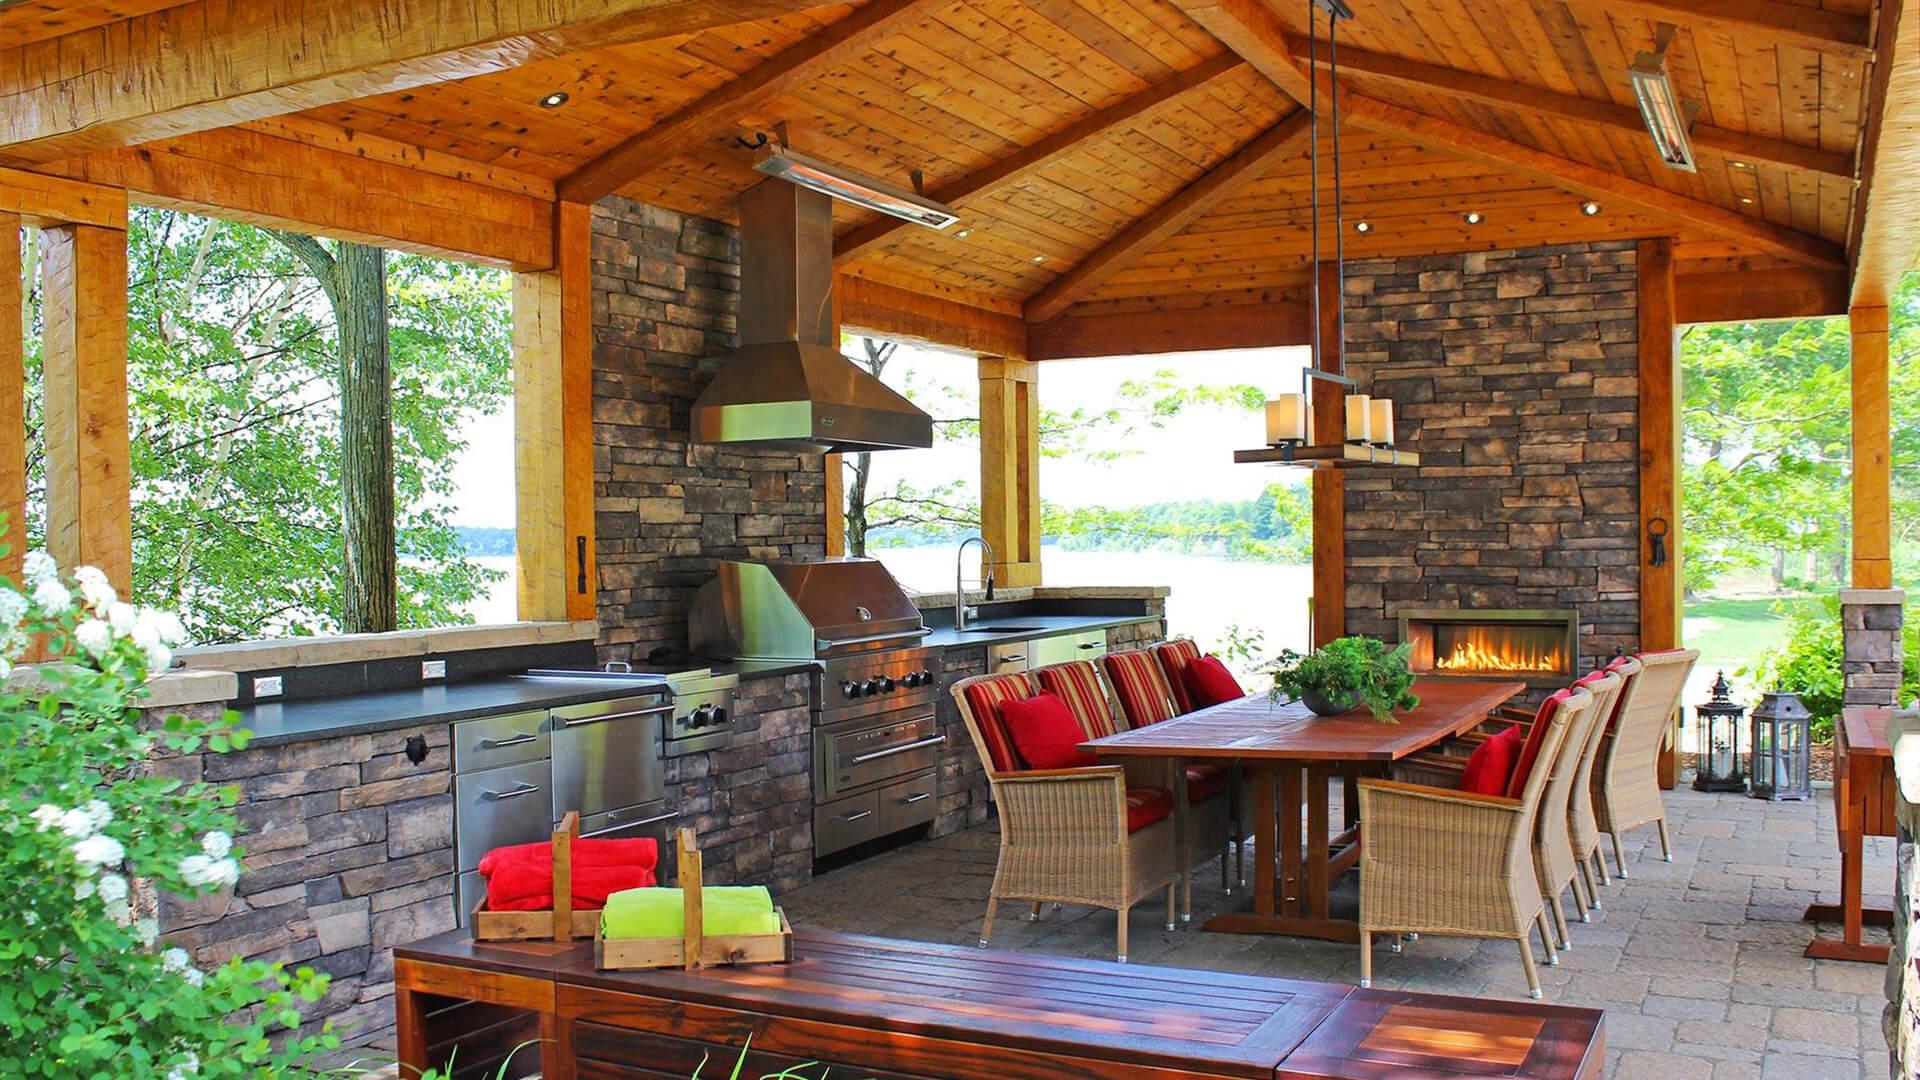 Construire Un Foyer Extérieur cuisine extérieure et bbq - innovations paysagées ladouceur